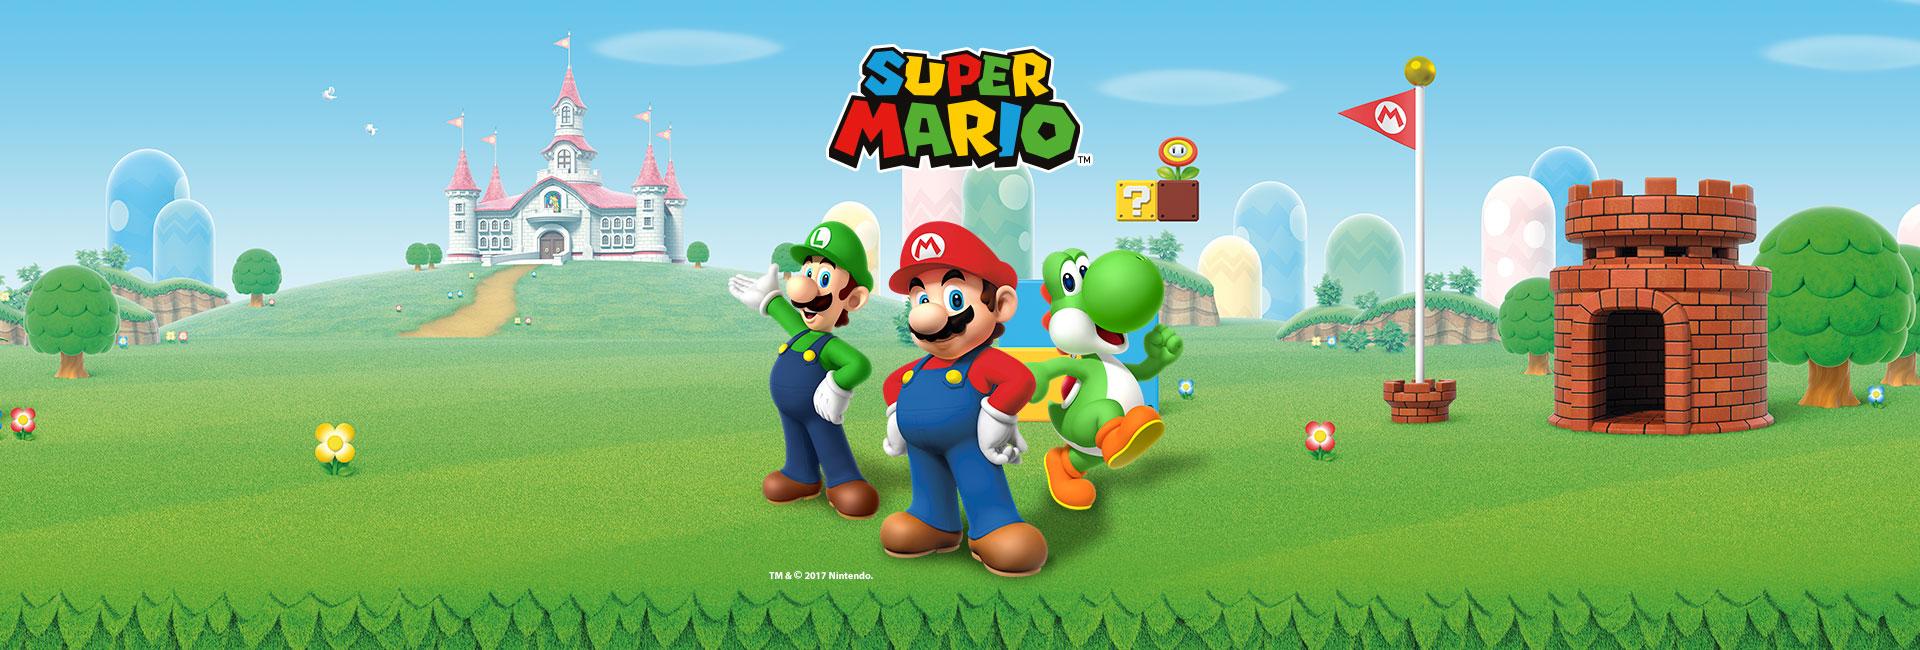 Super Mario | Brinquedos da franquia Mario estarão no McLanche Feliz de outubro